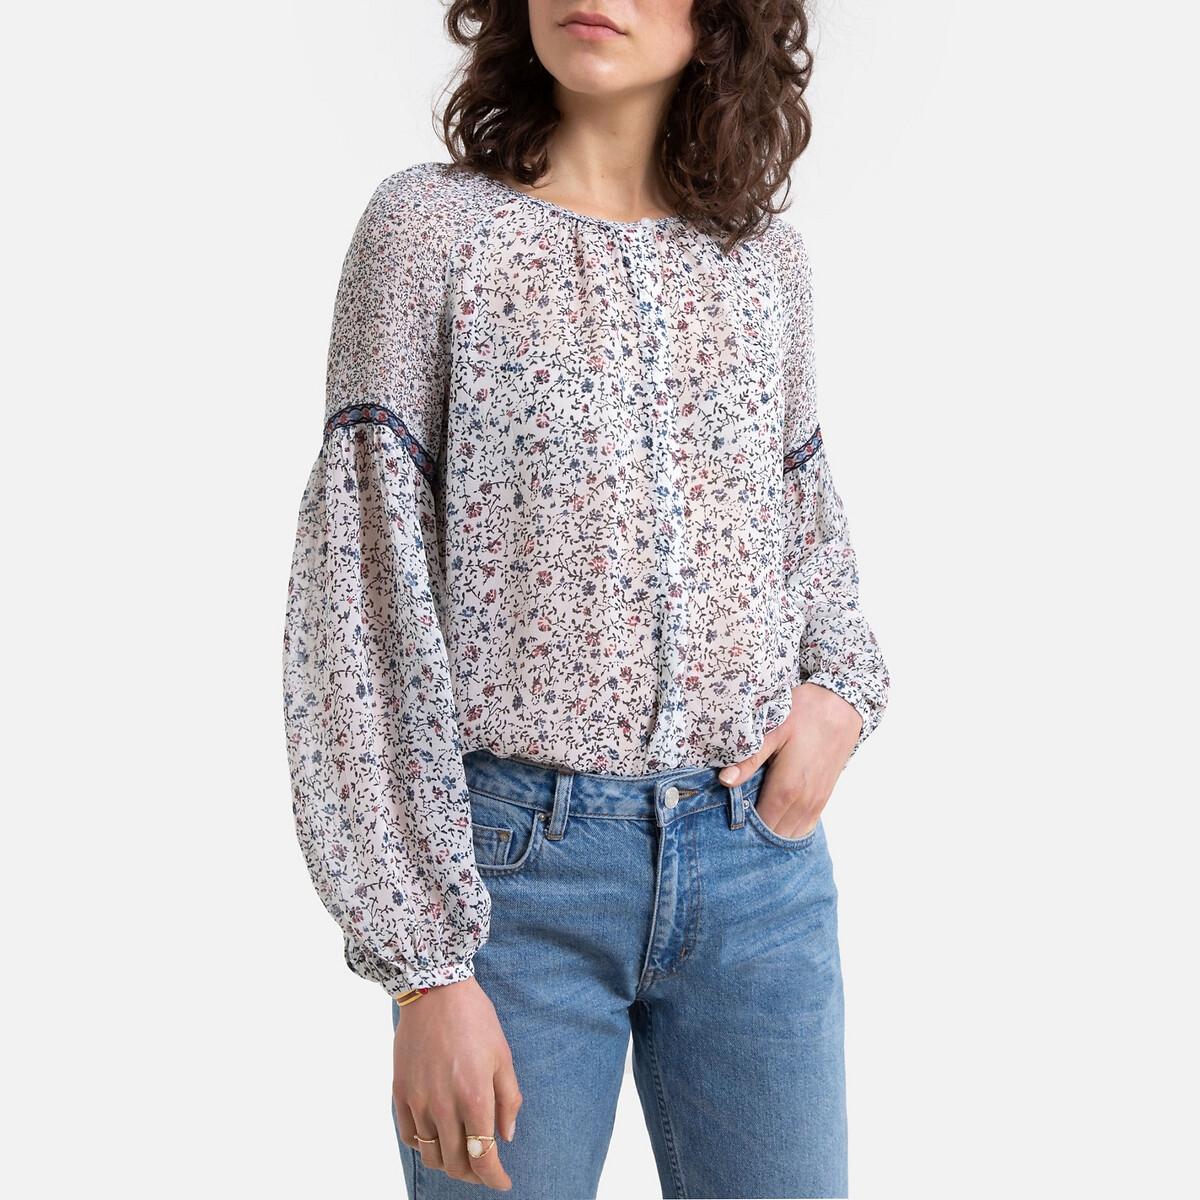 Блузка La Redoute С цветочным рисунком и длинными рукавами XS бежевый юбка la redoute короткая расклешенная с цветочным рисунком и оборками на поясе xs бежевый